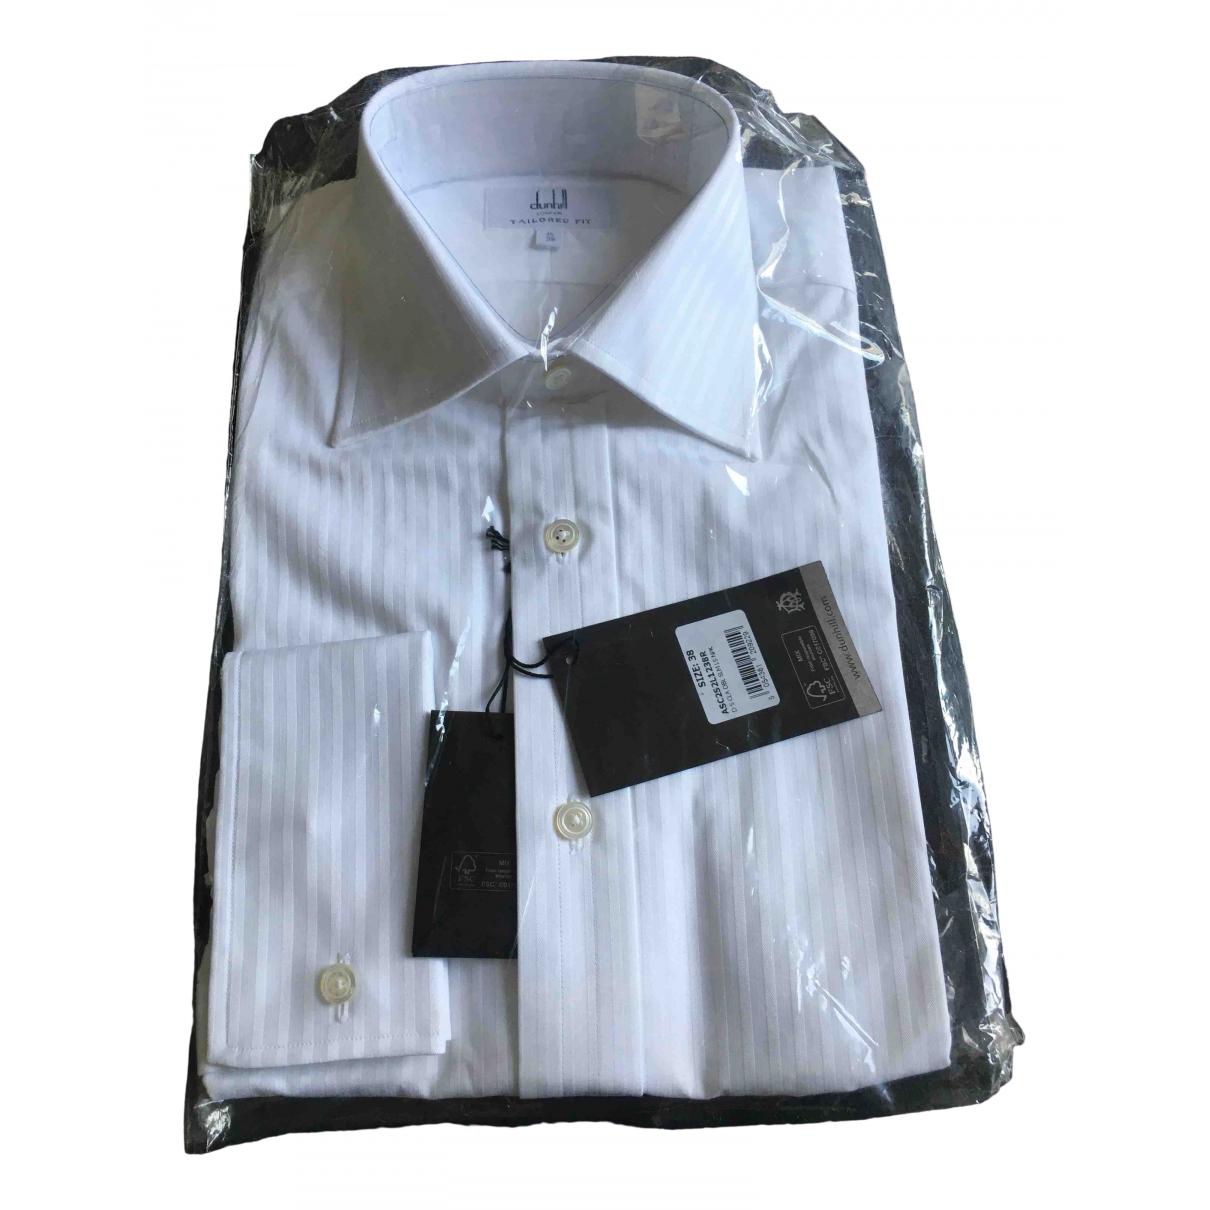 Alfred Dunhill - Chemises   pour homme en coton - blanc